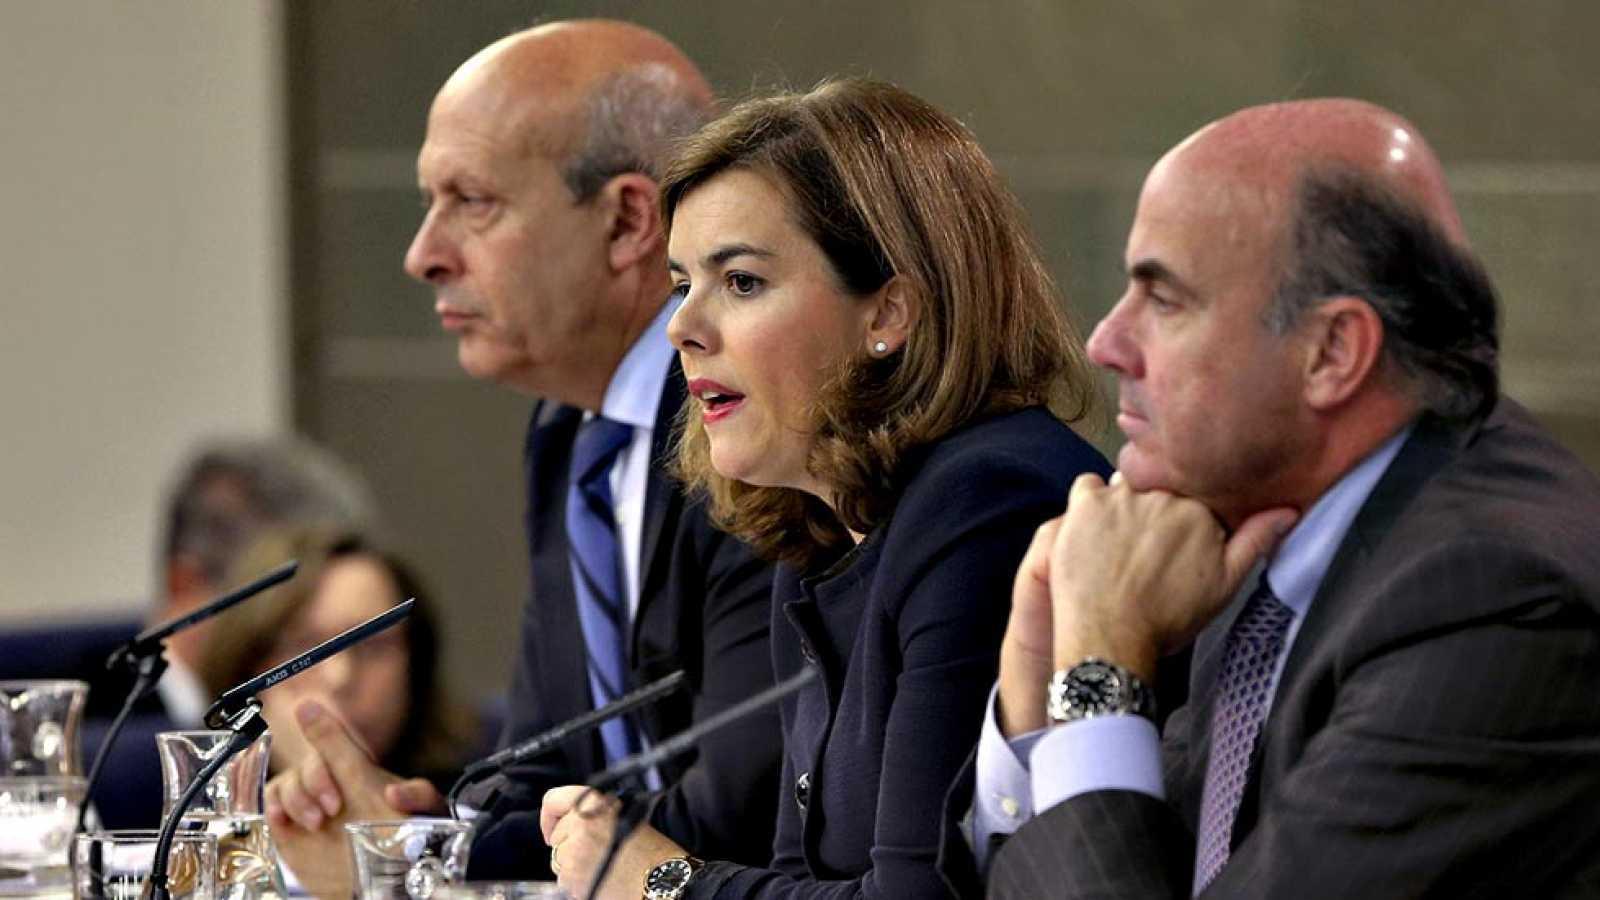 El Consejo de Ministros aprobó este viernes el Real Decreto Ley de medidas urgentes en relación con la comercialización de los derechos de explotación de contenidos audiovisuales de las competiciones de fútbol profesional, según confirmó la vicepresi